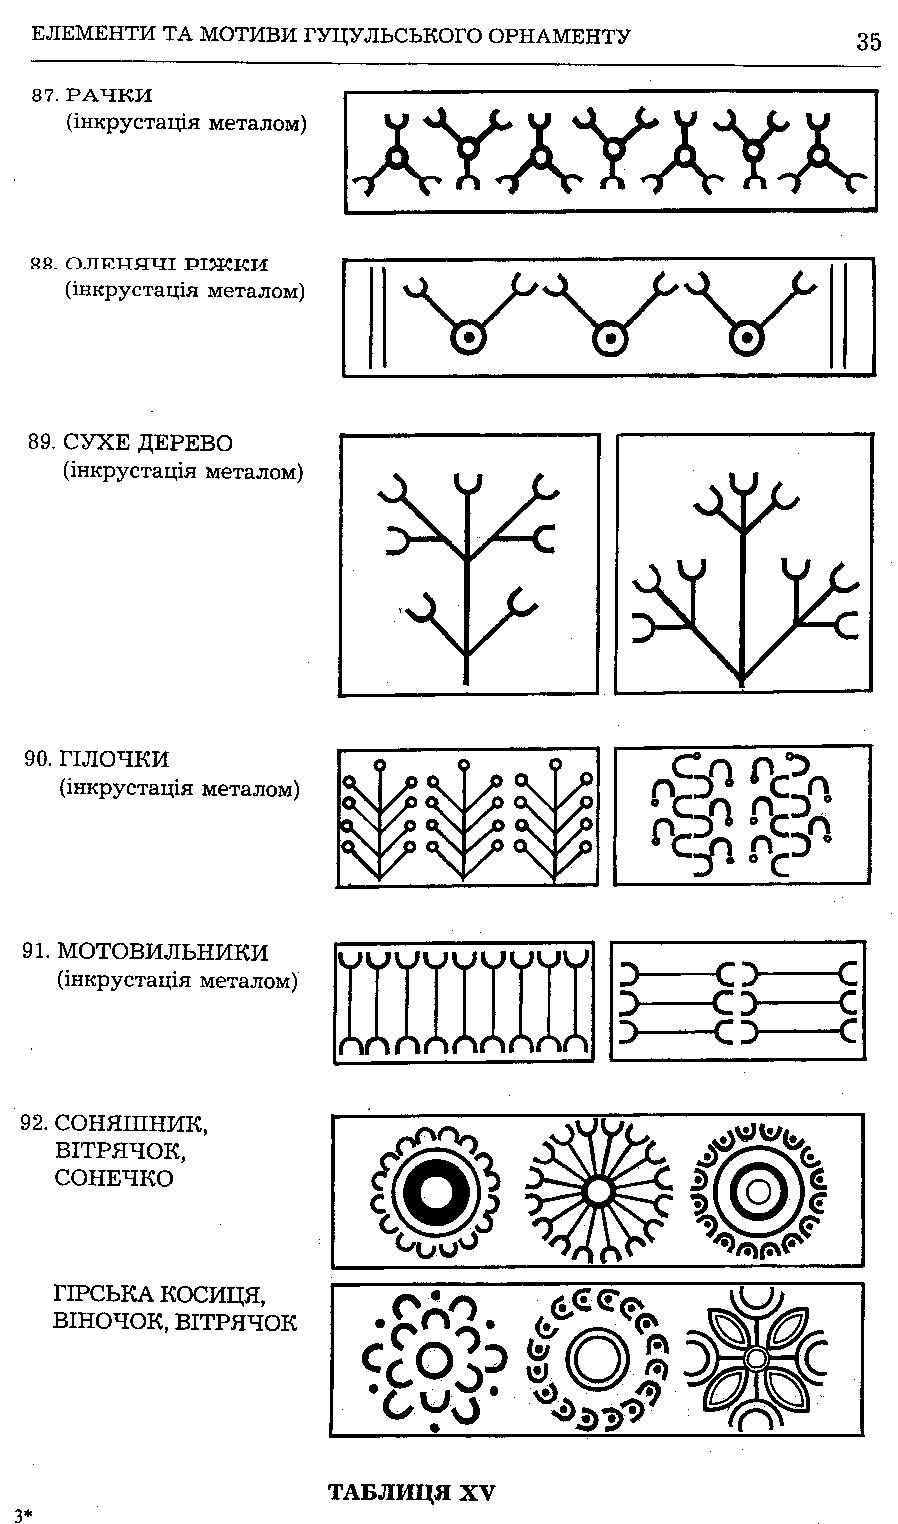 Tablitsya15